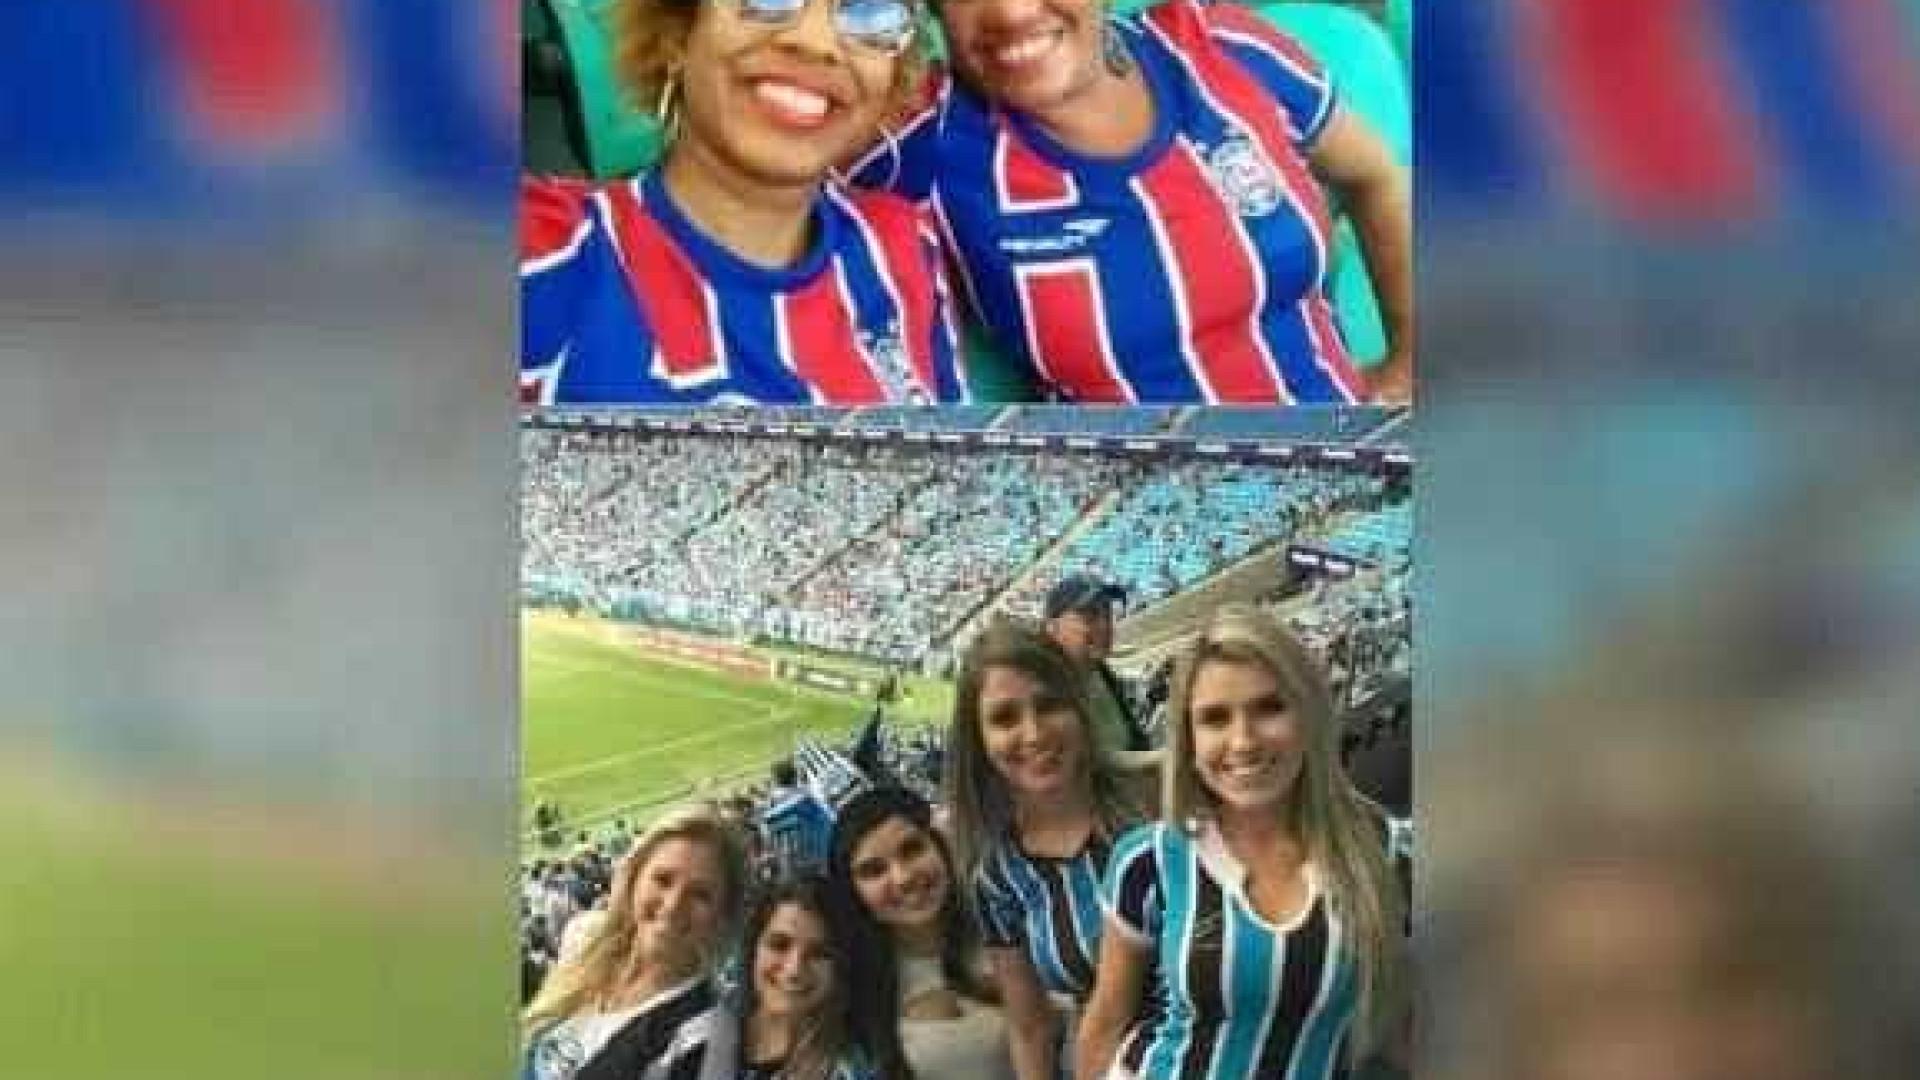 Torcedora do Bahia denuncia racismo em montagem com gremistas